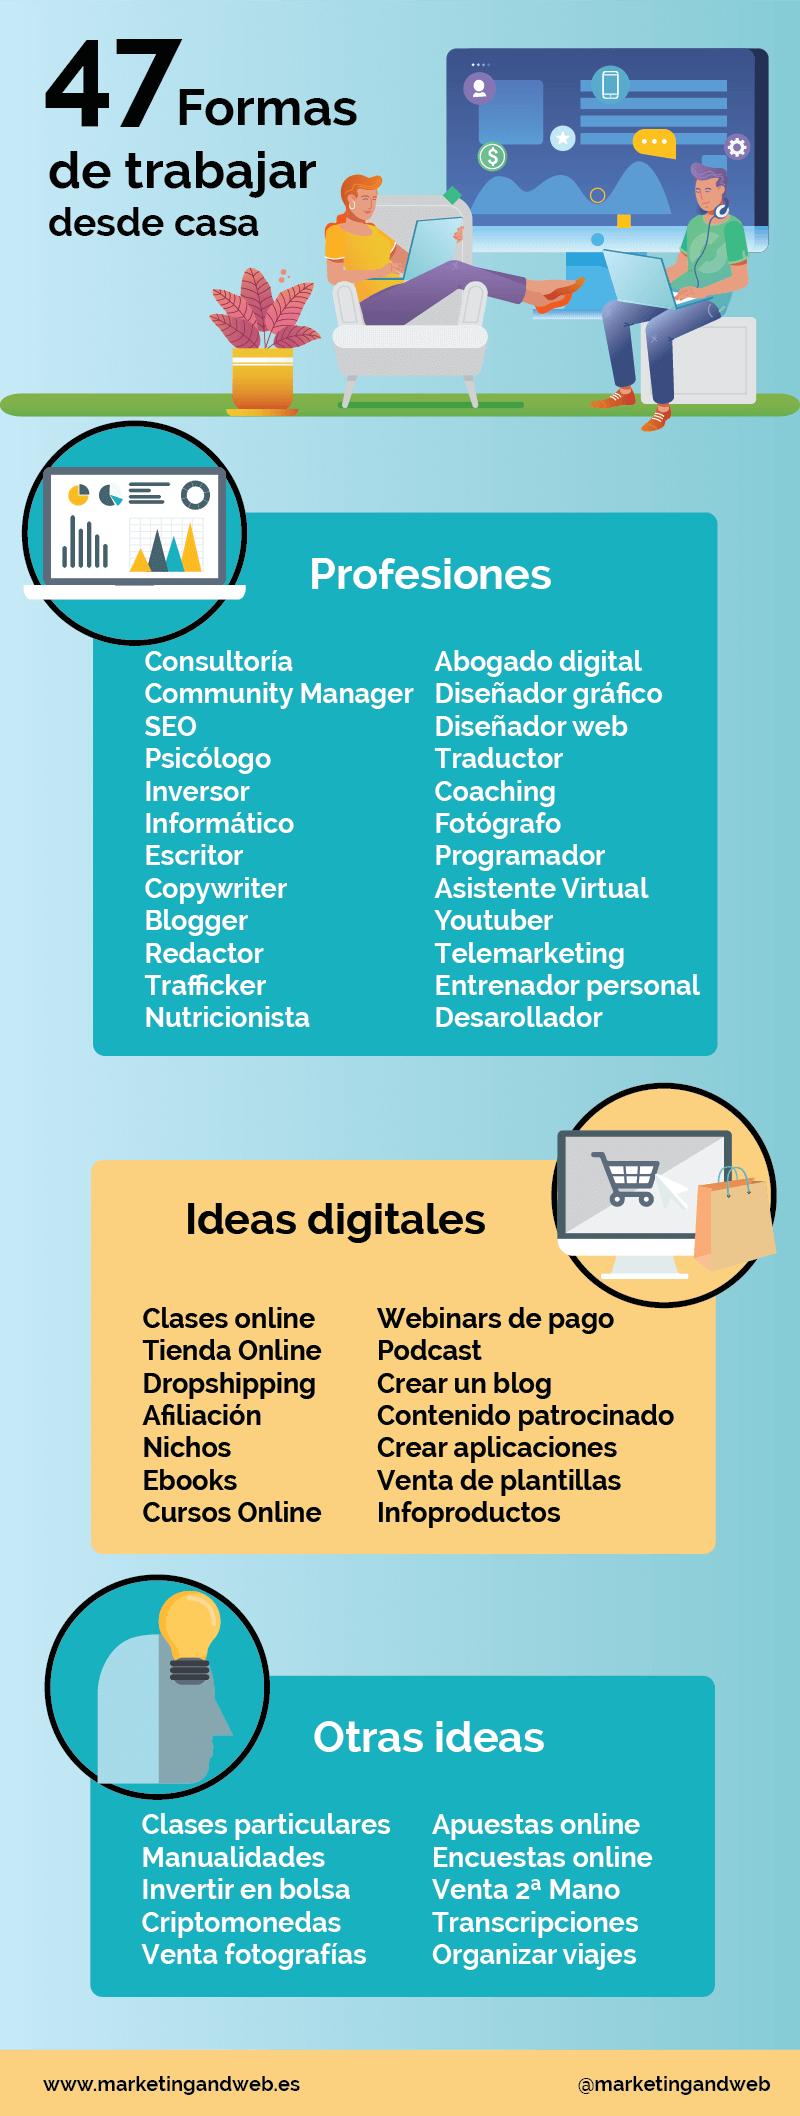 Infografia ideas para trabajar desde casa y ganar dinero